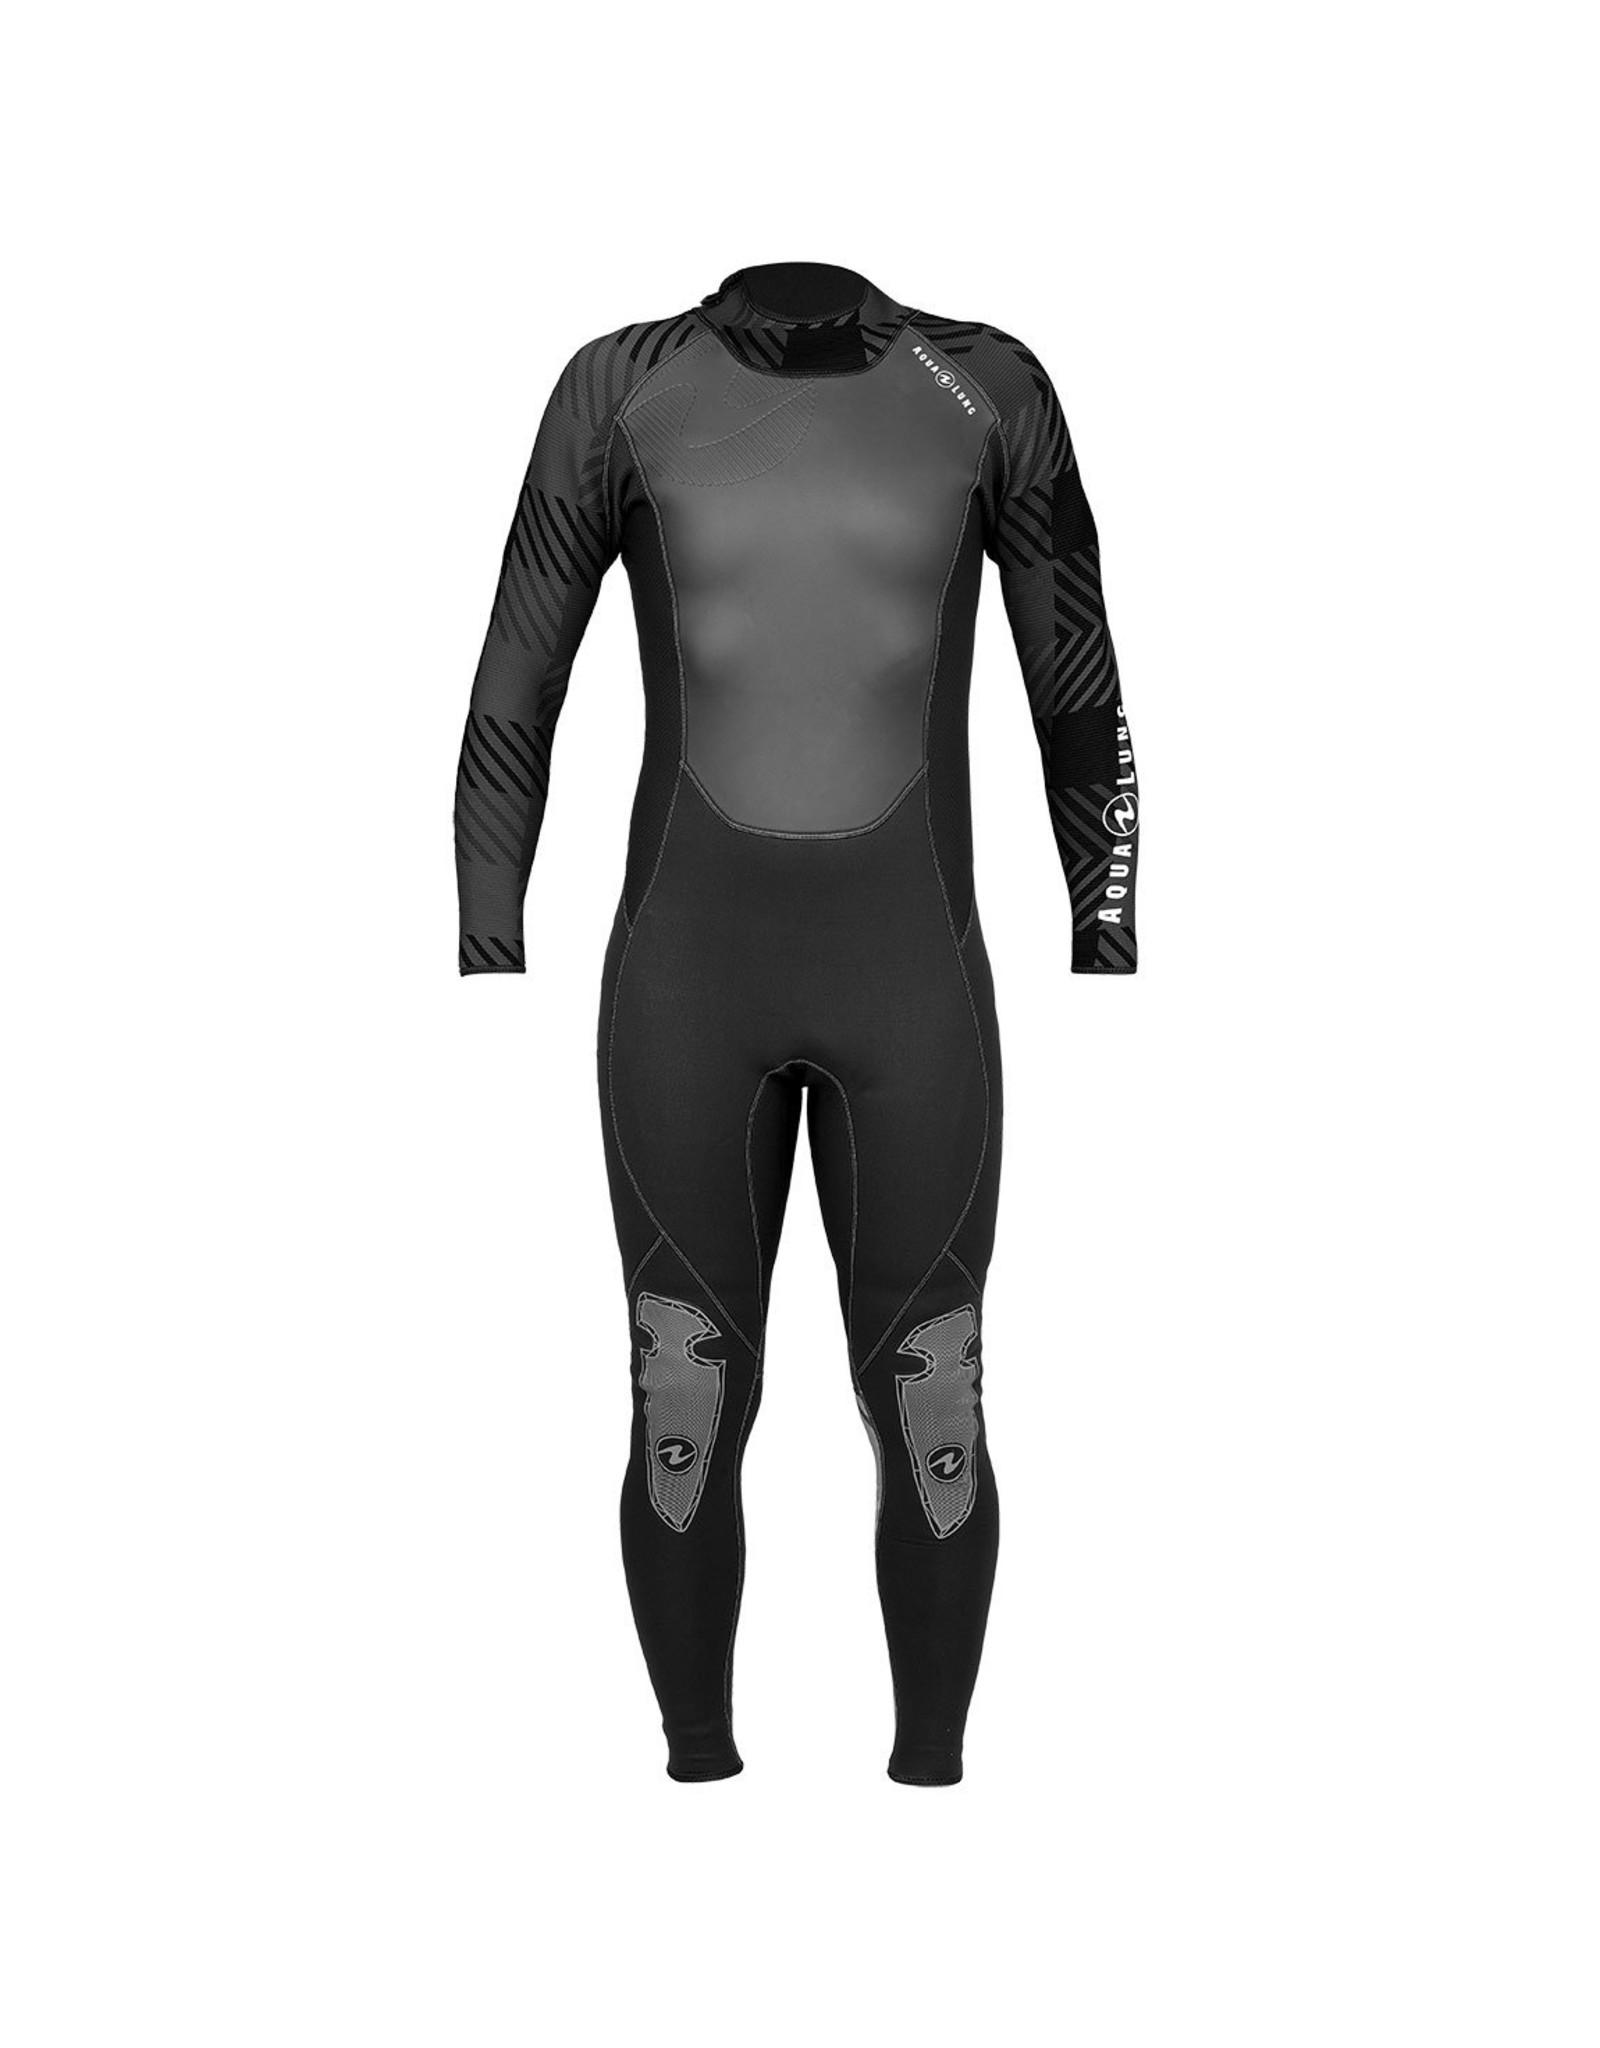 Aqualung Aqualung Hydroflex Full Suit - 1mm